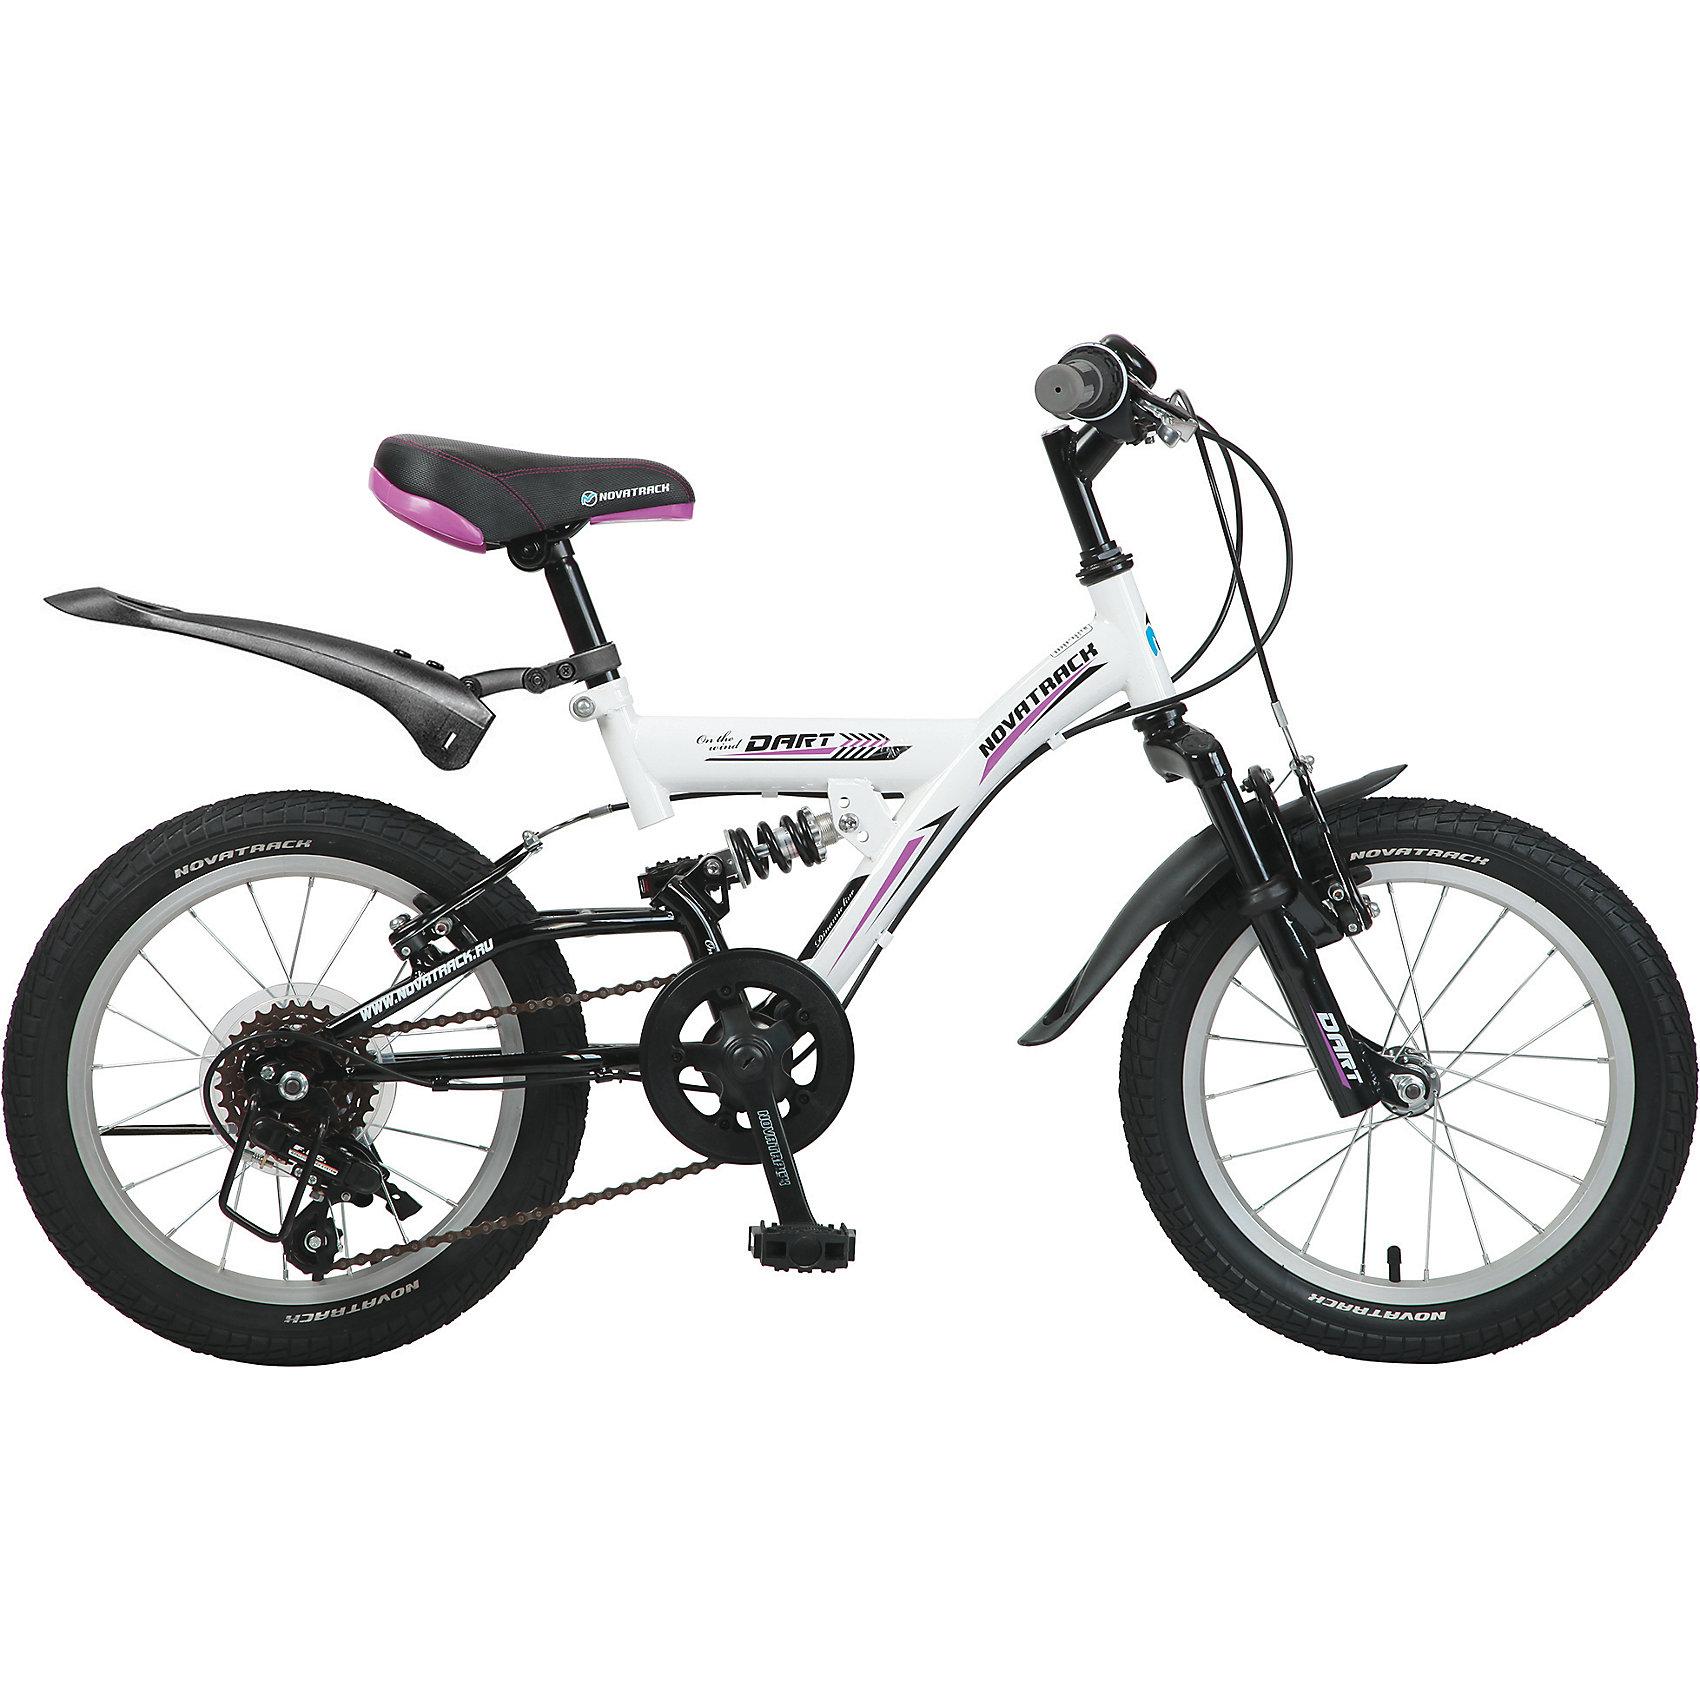 Велосипед DART, белый, 16 дюймов, NovatrackВелосипеды детские<br>Велосипед Novatrack Dart 16 это один из велосипедов, который чаще всего выбирают для ребят 5-7 лет. А в этом возрасте они уже четко знают, чего хотят Передний и задний амортизаторы, как на больших спортивных велосипедах, переключатель скоростей на руле, целых два тормозапередний и задний, которыми, как показывает практика, дети быстро учатся управлять. Велосипед оборудован мягким регулируемым седлом, которое обеспечит удобную посадку во время катания. Руль велосипеда также регулируется по высоте, благодаря чему велосипед долго будет соответствовать росту ребенка. Велосипед Novatrack Dart 16 оборудован 5-скоростной системой и подходит для катания не только во дворе, но и в парках, а также за городом.<br><br>Велосипед DART, белый, 16 дюймов, Novatrack можно купить в нашем интернет-магазине.<br><br>Ширина мм: 900<br>Глубина мм: 180<br>Высота мм: 420<br>Вес г: 12000<br>Возраст от месяцев: 60<br>Возраст до месяцев: 84<br>Пол: Унисекс<br>Возраст: Детский<br>SKU: 5613214